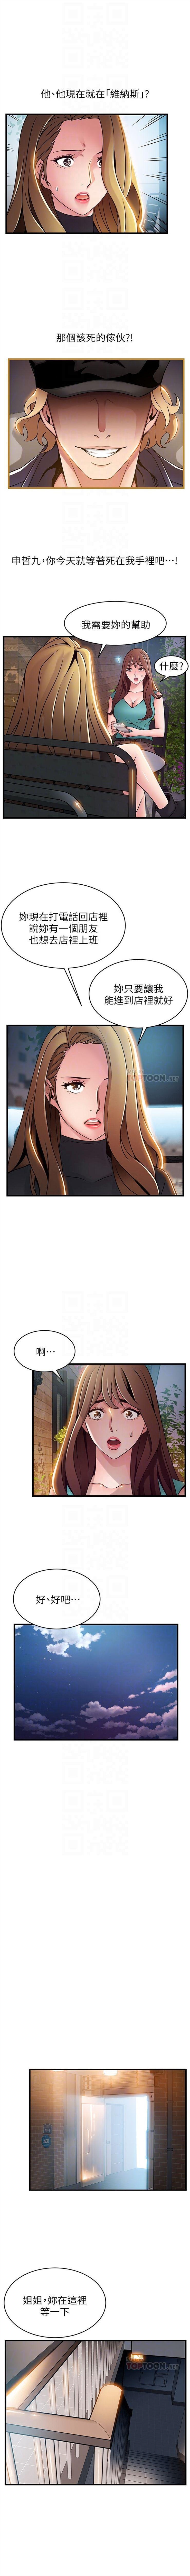 (週7)弱點 1-76 中文翻譯(更新中) 345